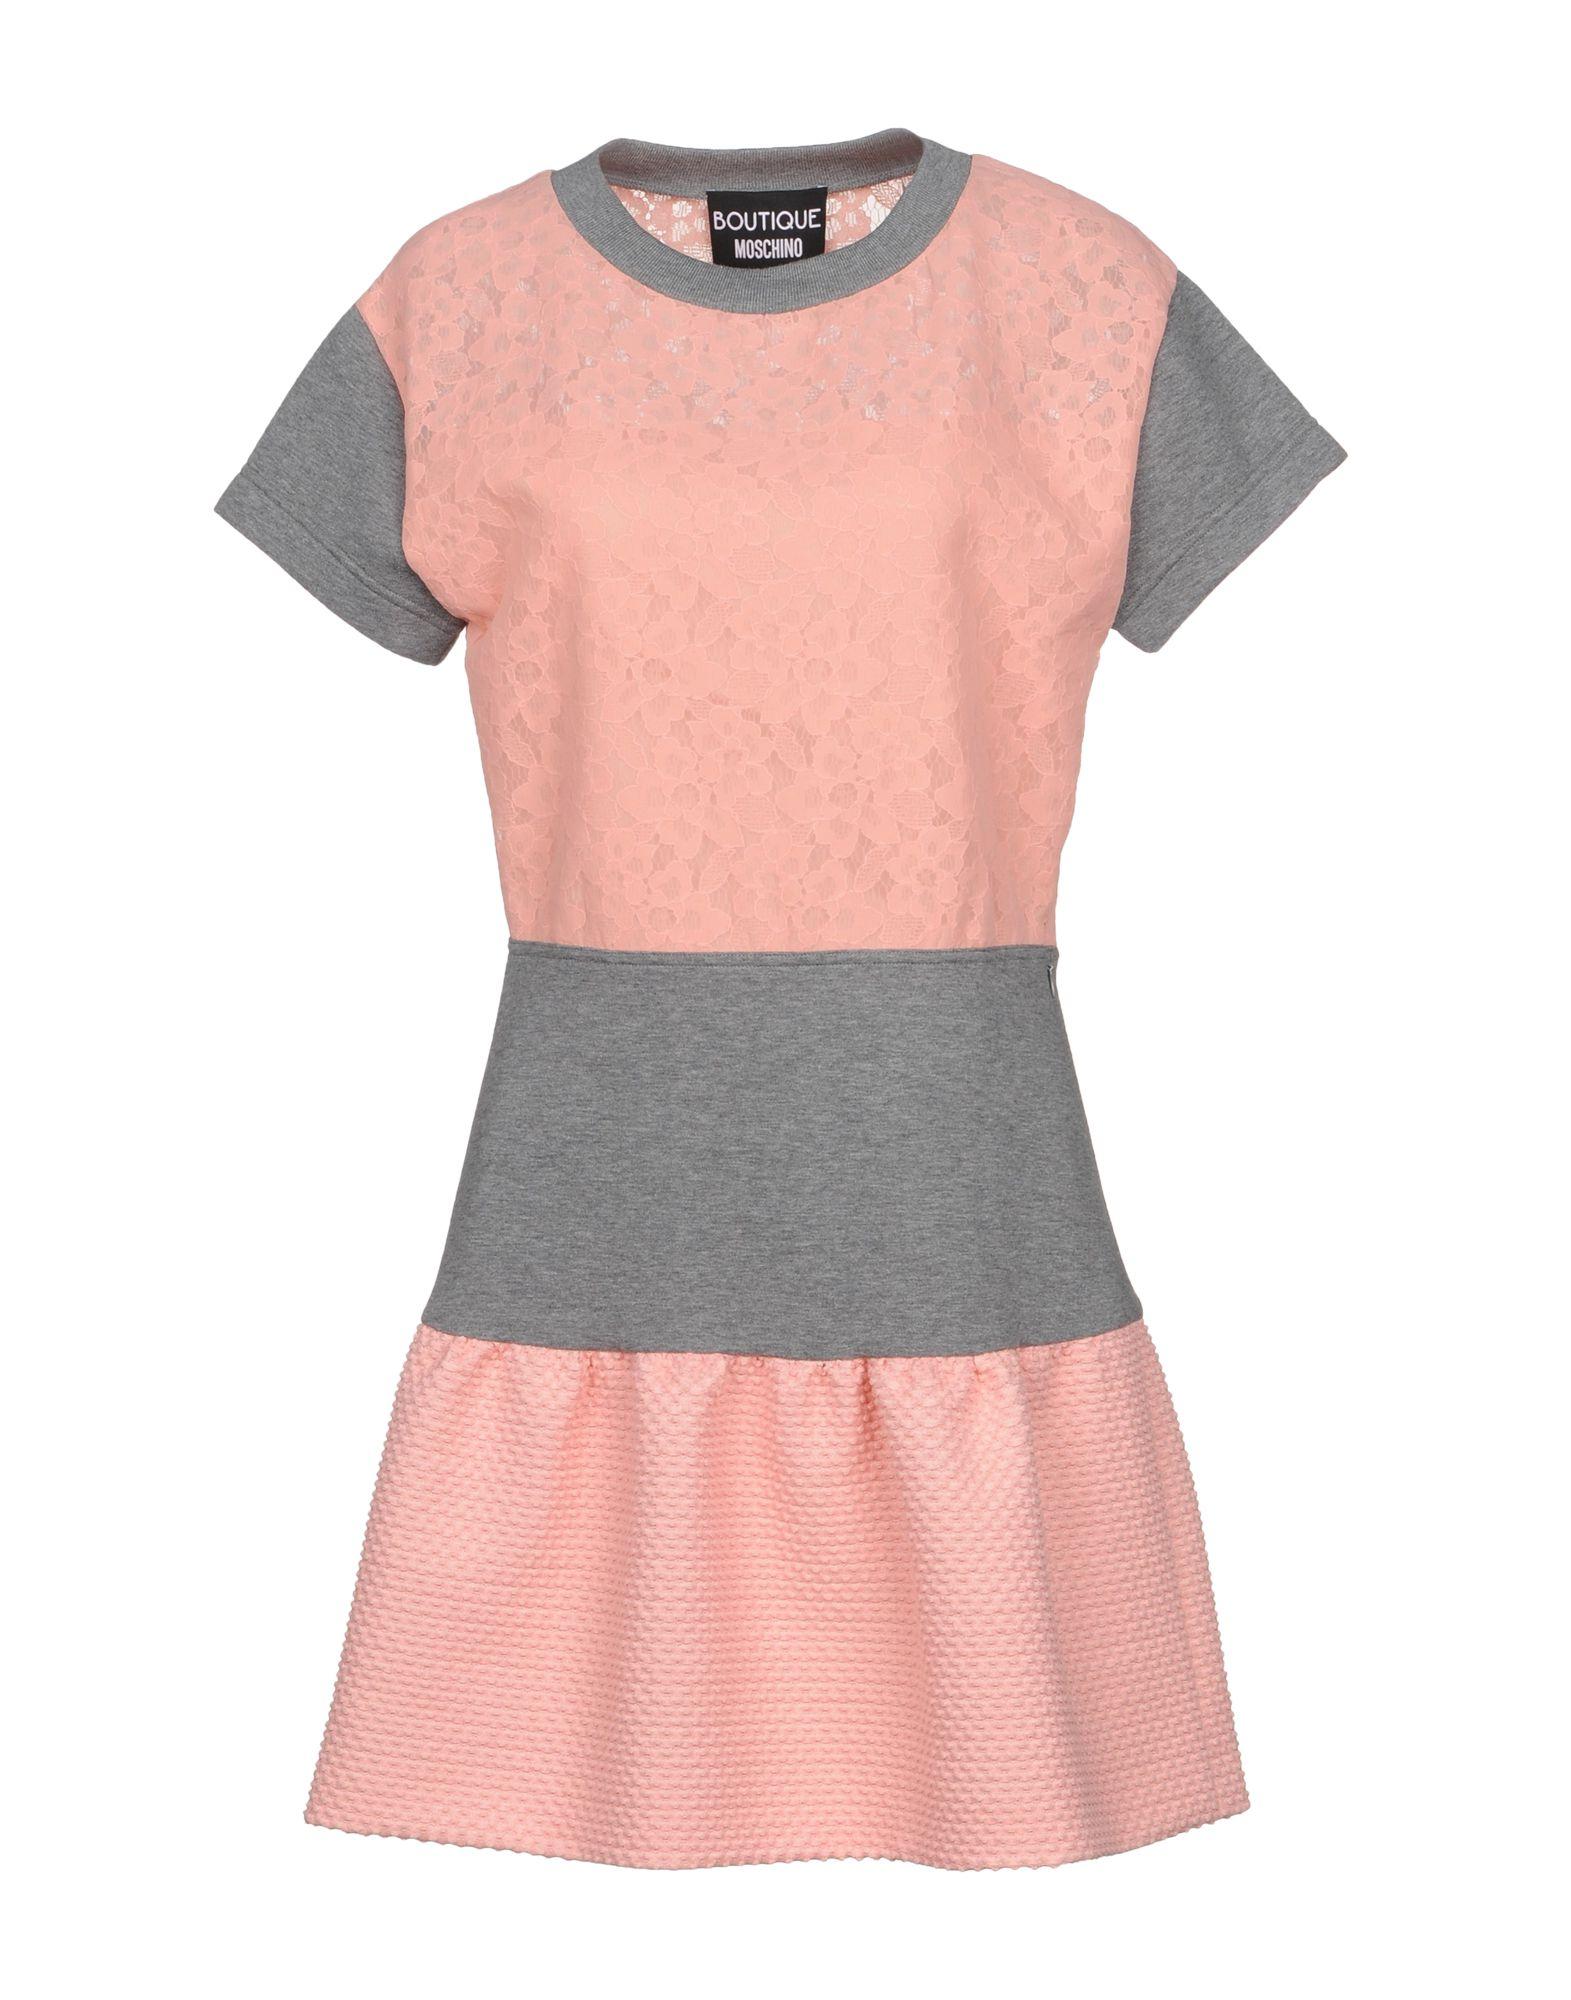 Vestito Corto Boutique Moschino Donna - Acquista online su 1nsPmIJ